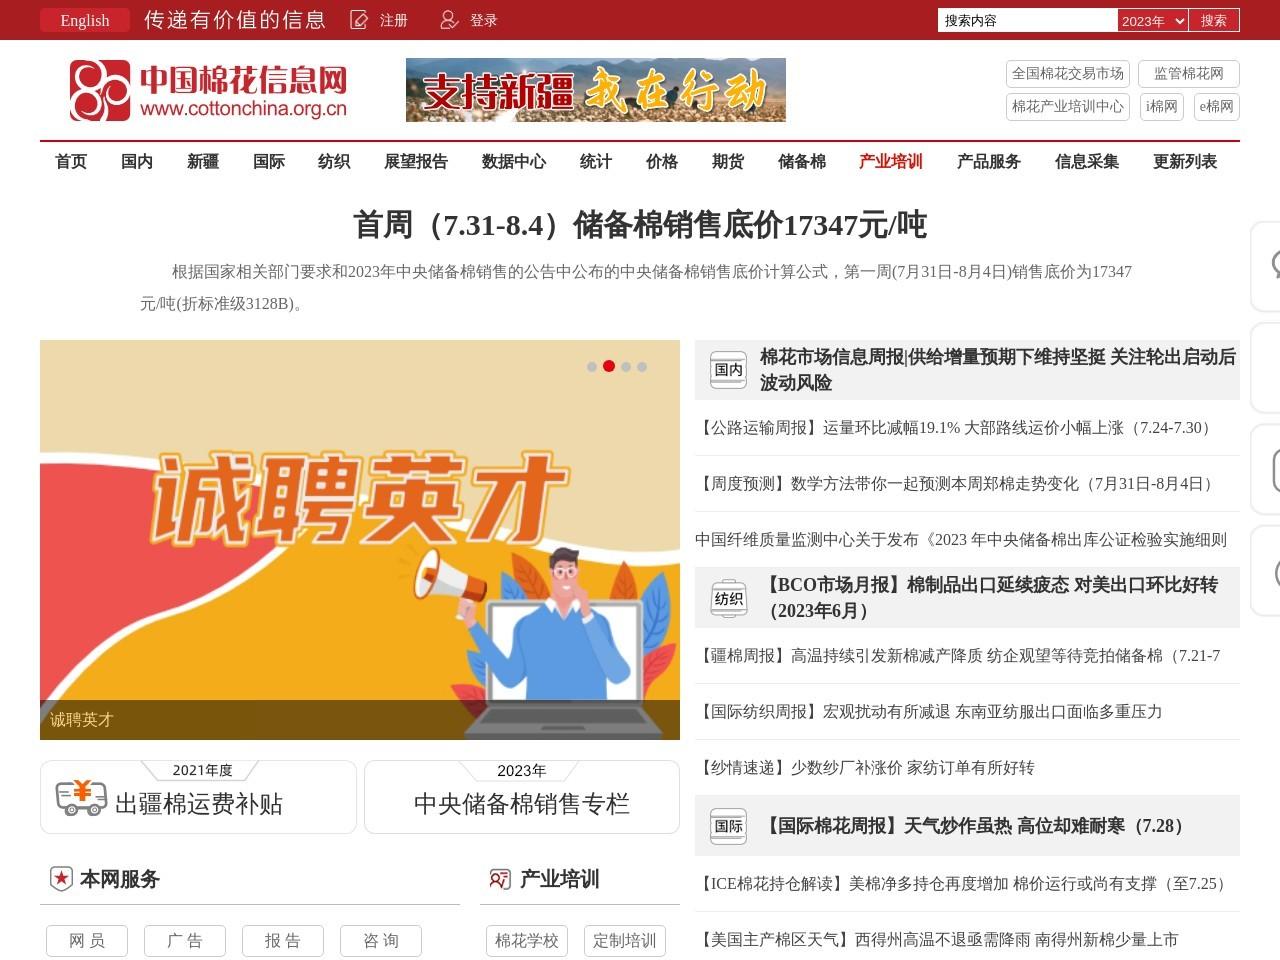 中国棉花信息网